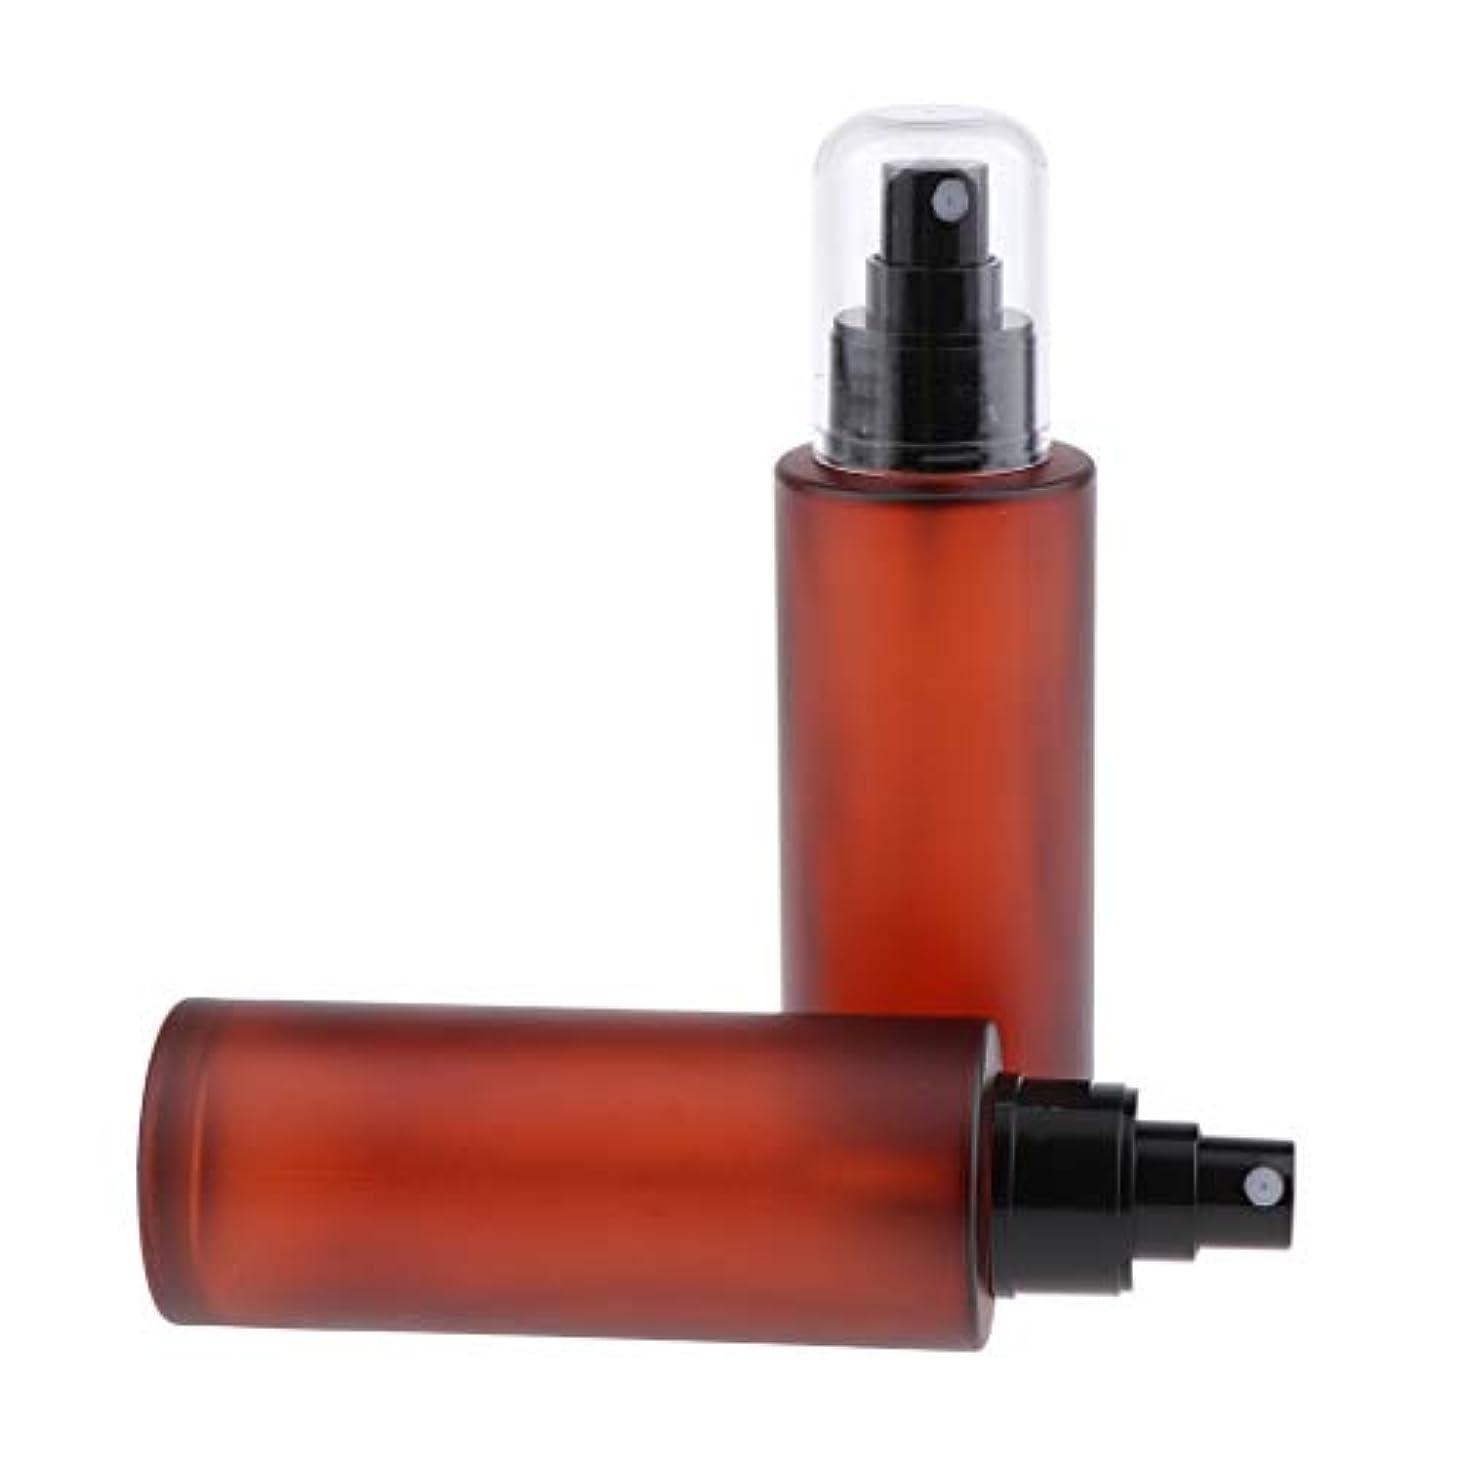 封建に賛成フローDYNWAVE 香水瓶 ガラス スプレーボトル 詰め替え容器 小分け用 旅行 ポータブル 2個 全4サイズ - 100ml